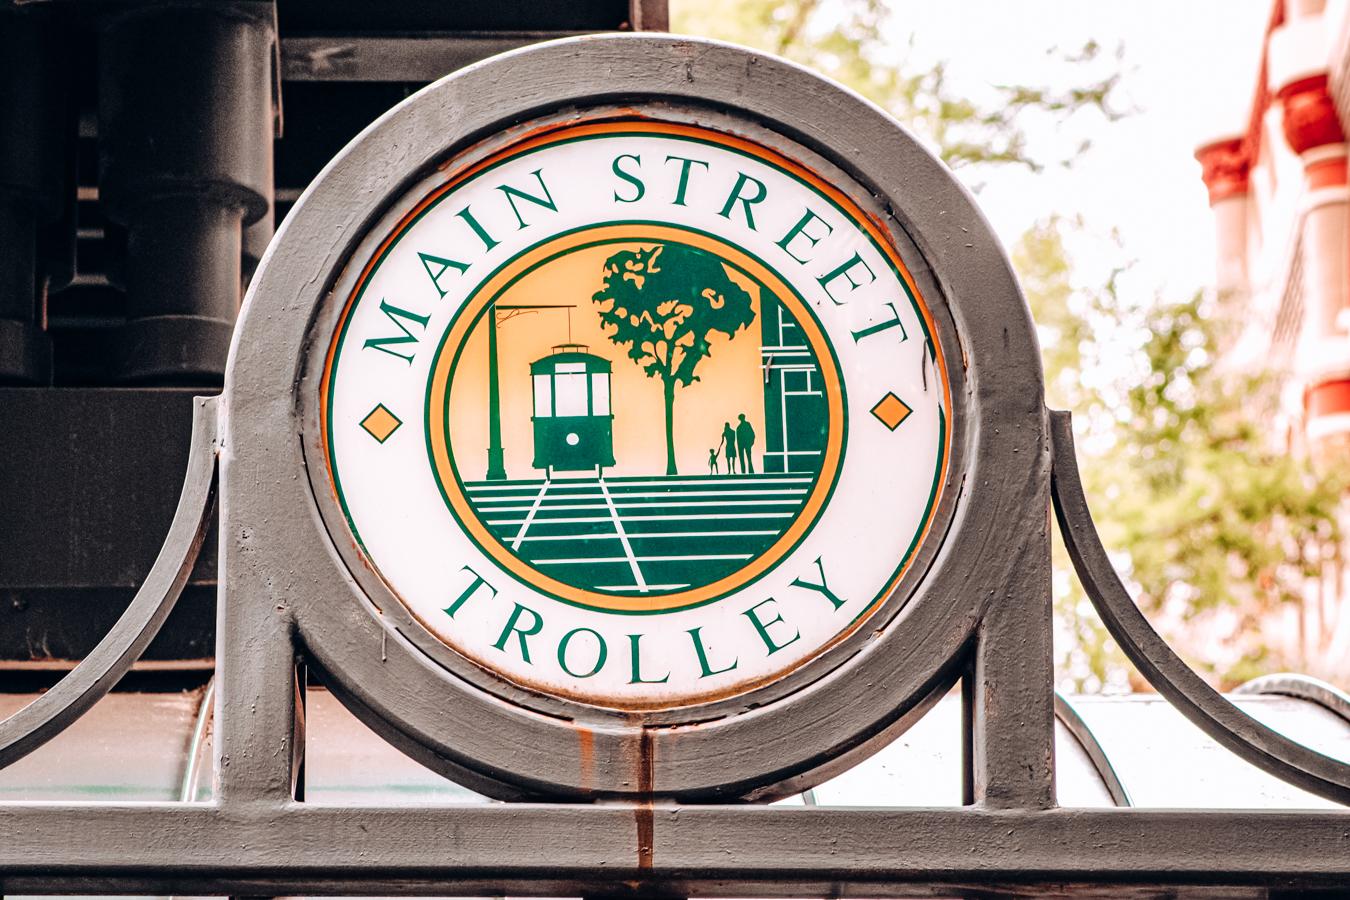 Main Street trolley in Memphis